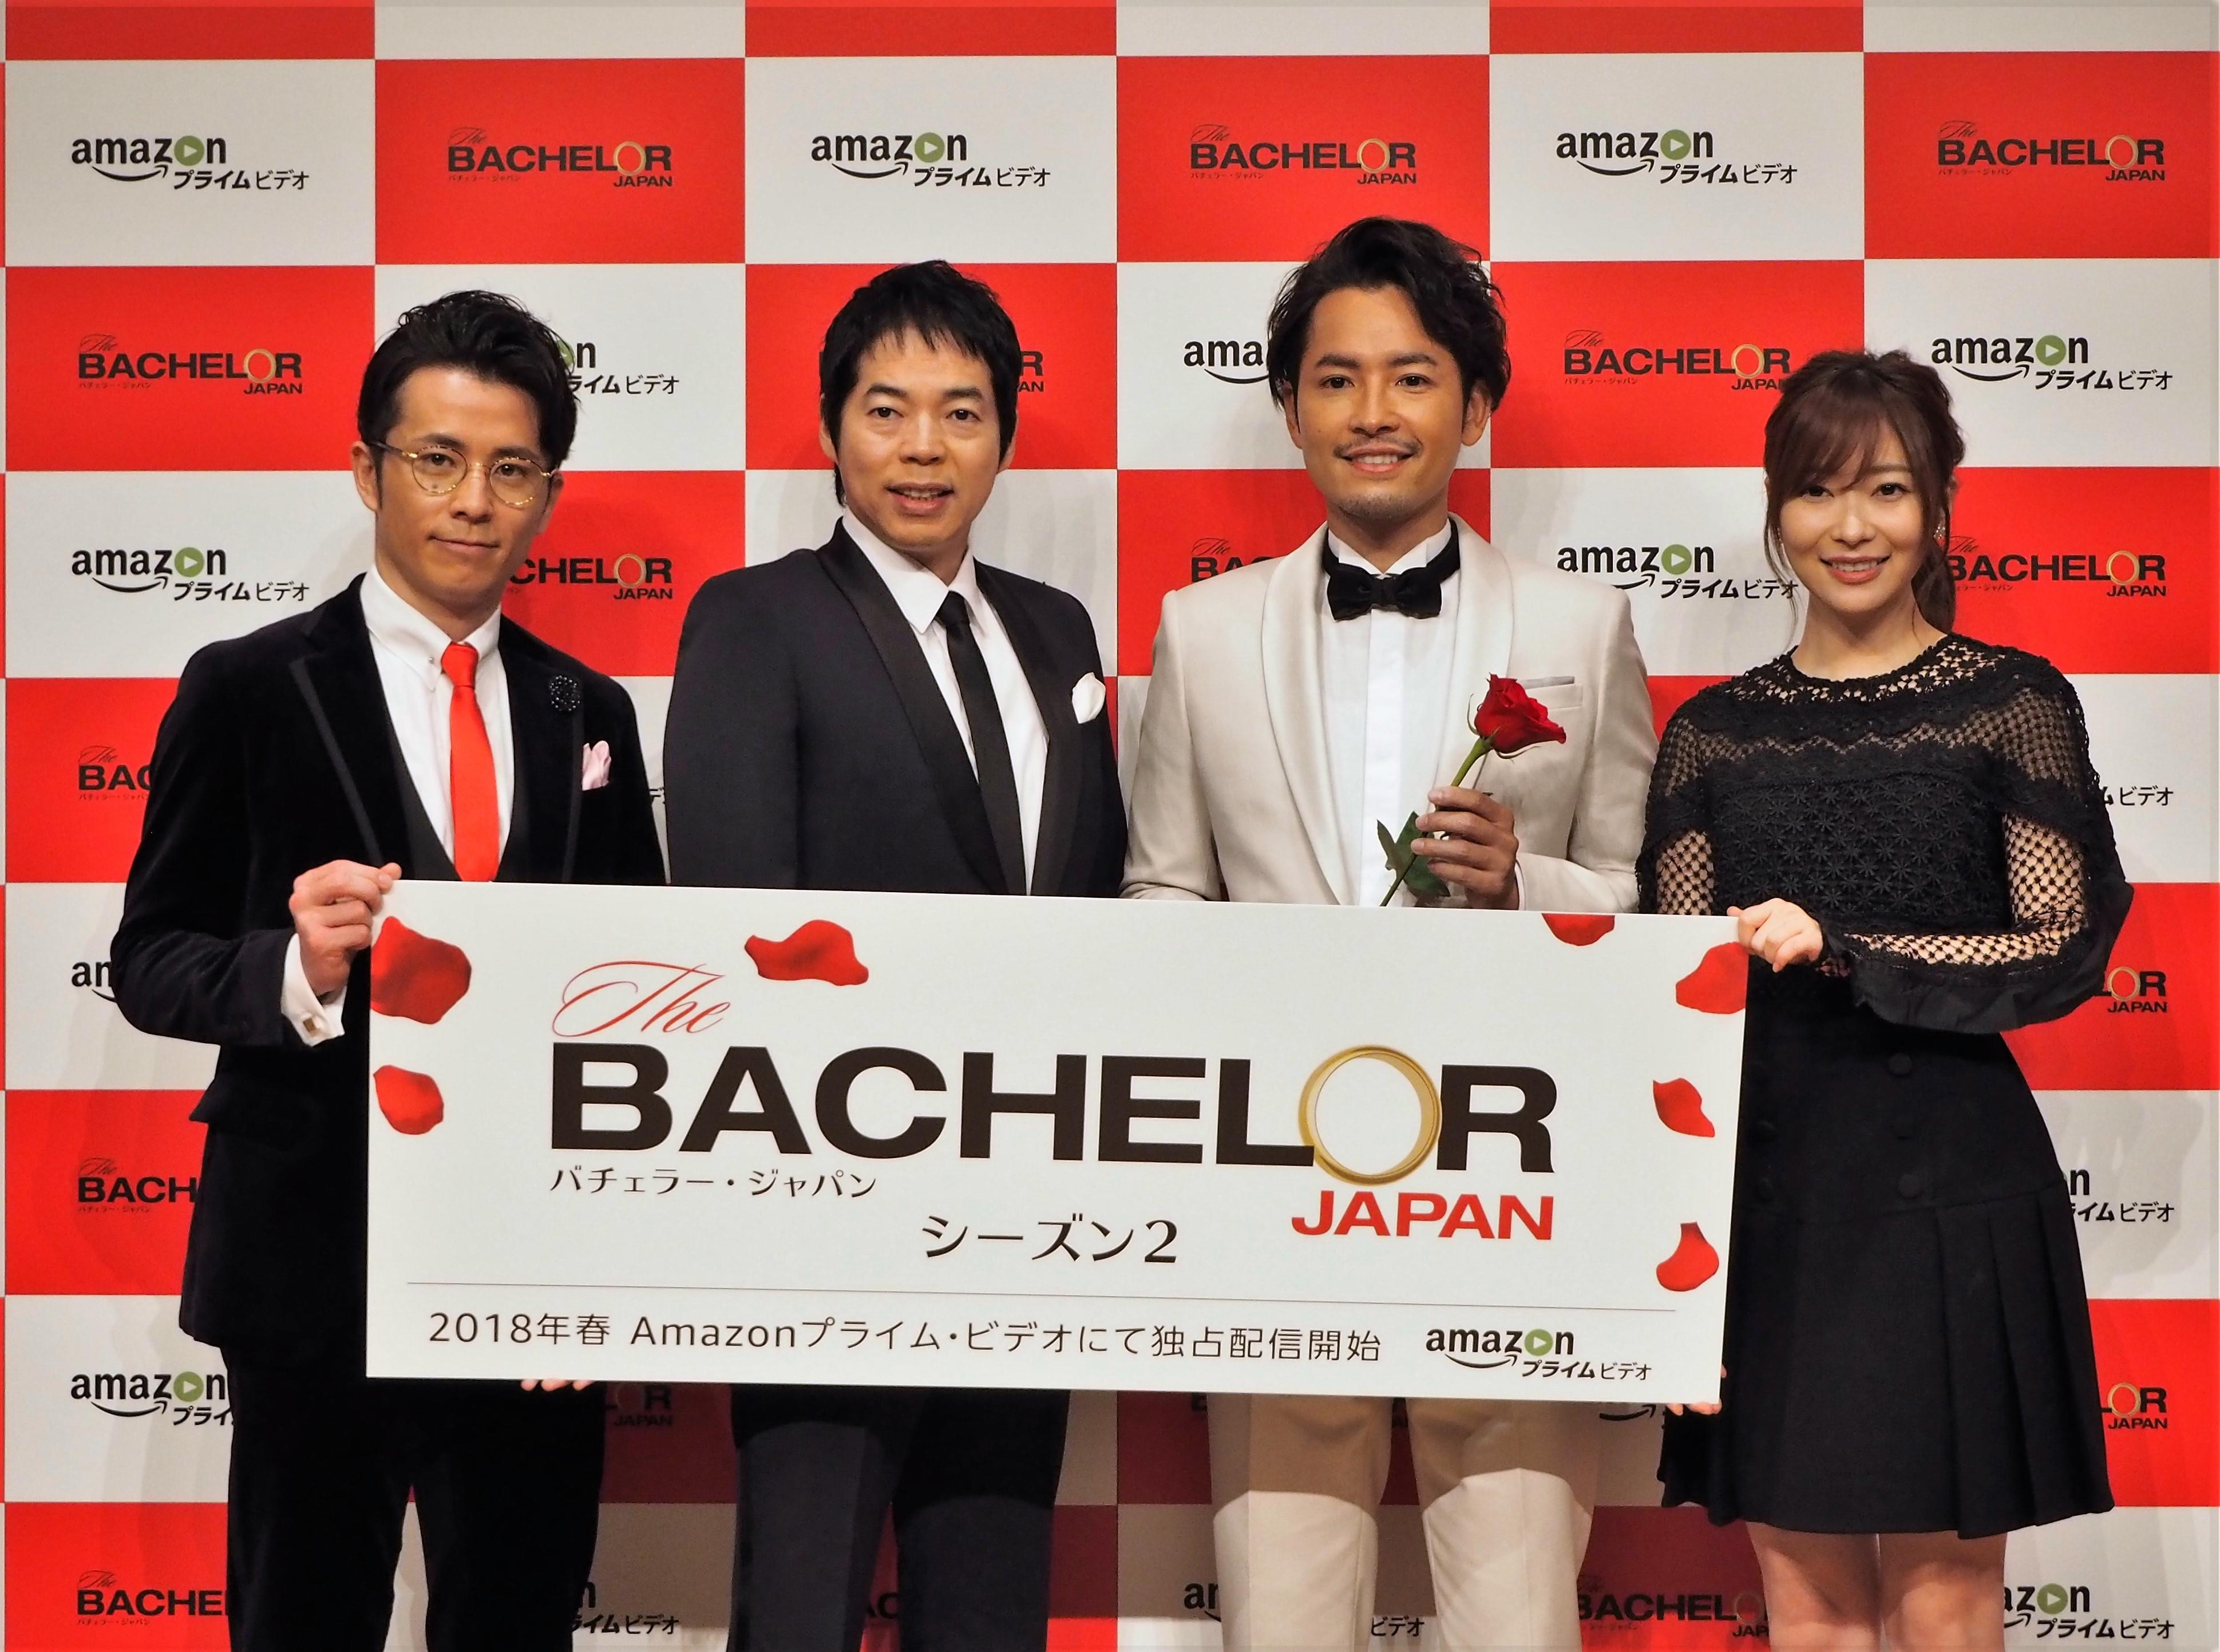 http://news.yoshimoto.co.jp/20171204165320-bad6b749ba74a3a5e376b0f34dbb839fa3a1a758.jpg